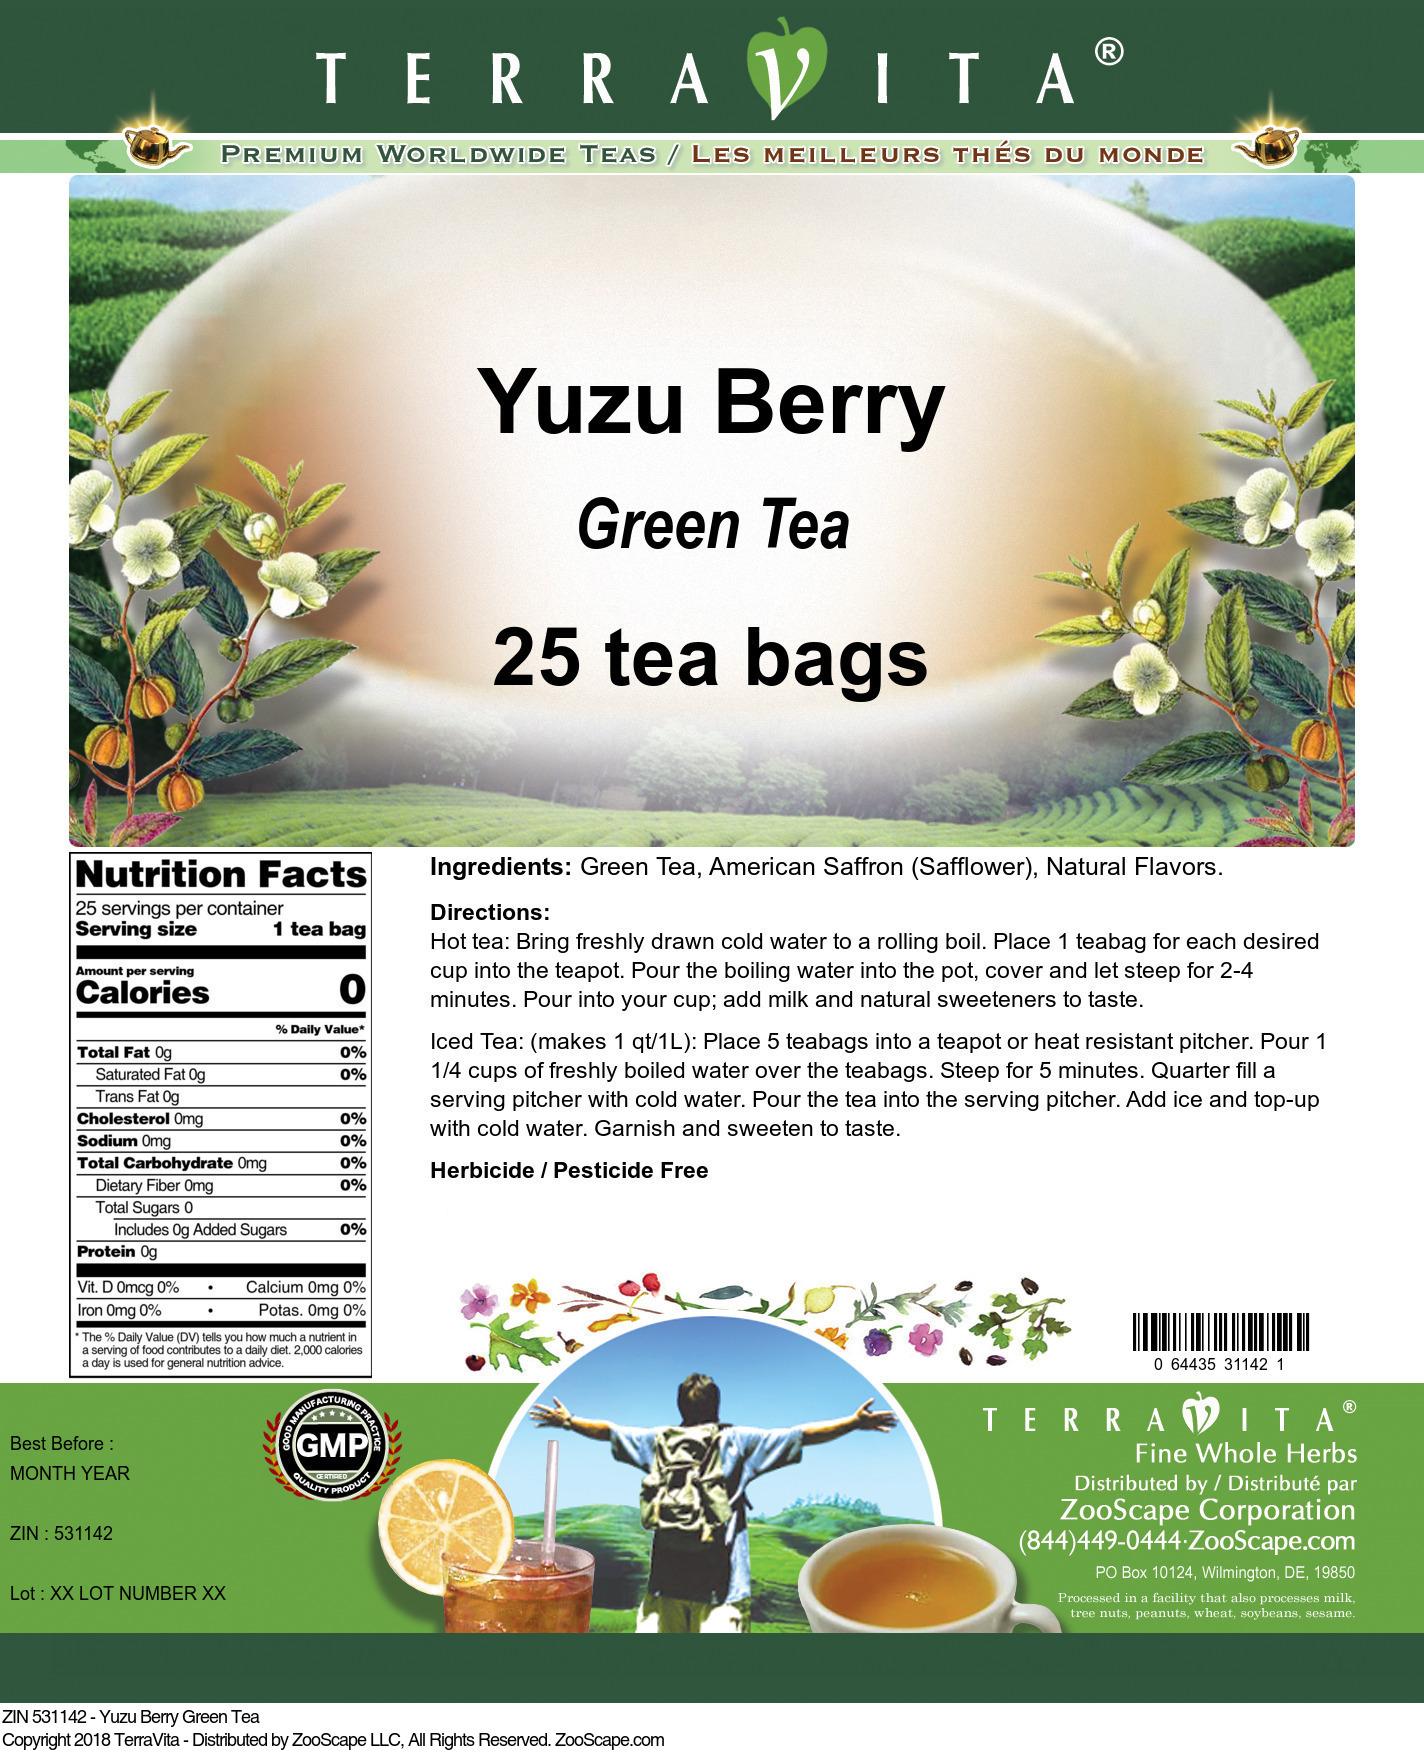 Yuzu Berry Green Tea